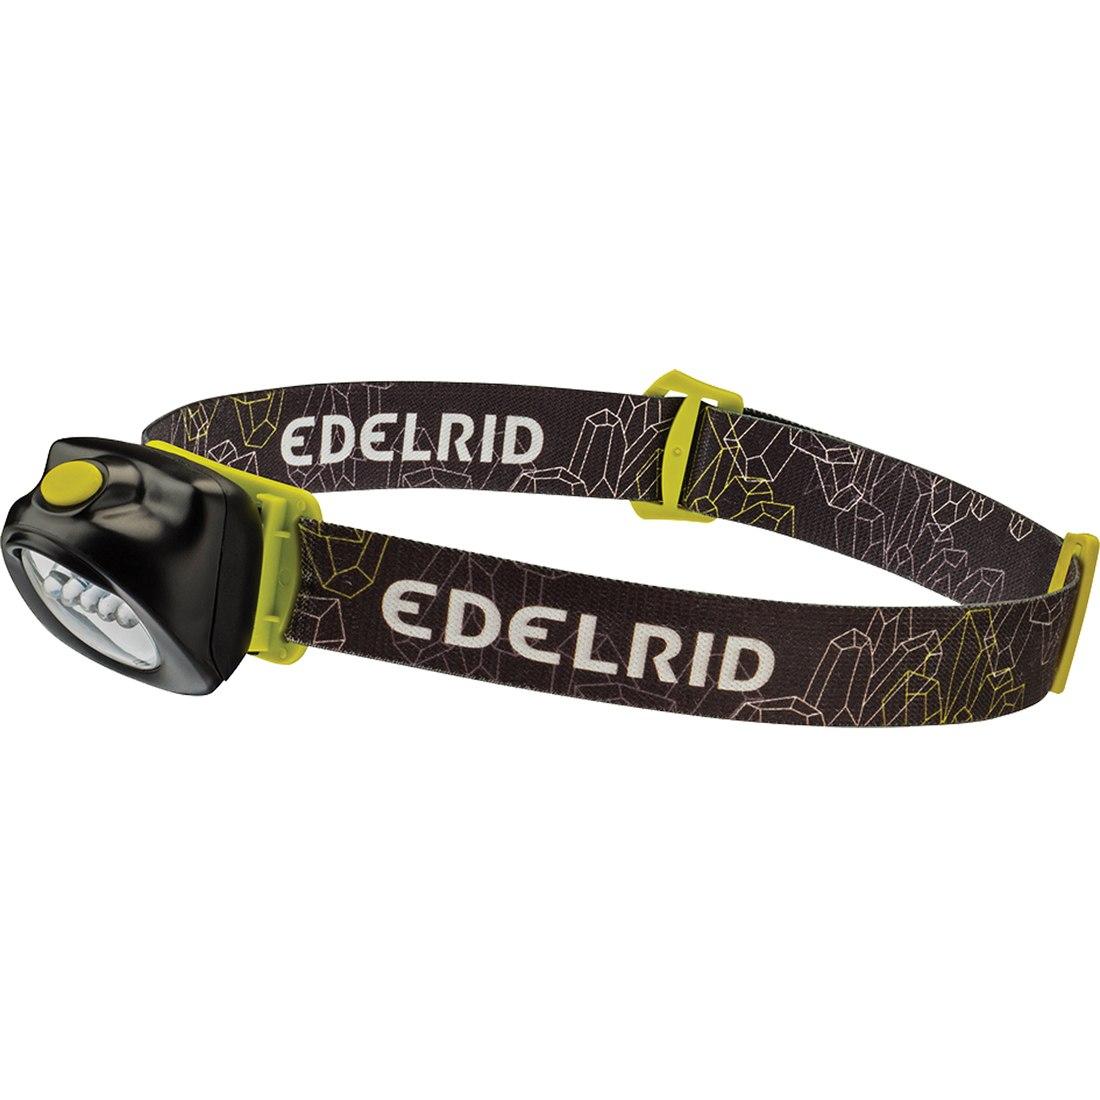 Edelrid Pentalite Headlamp - night-oasis